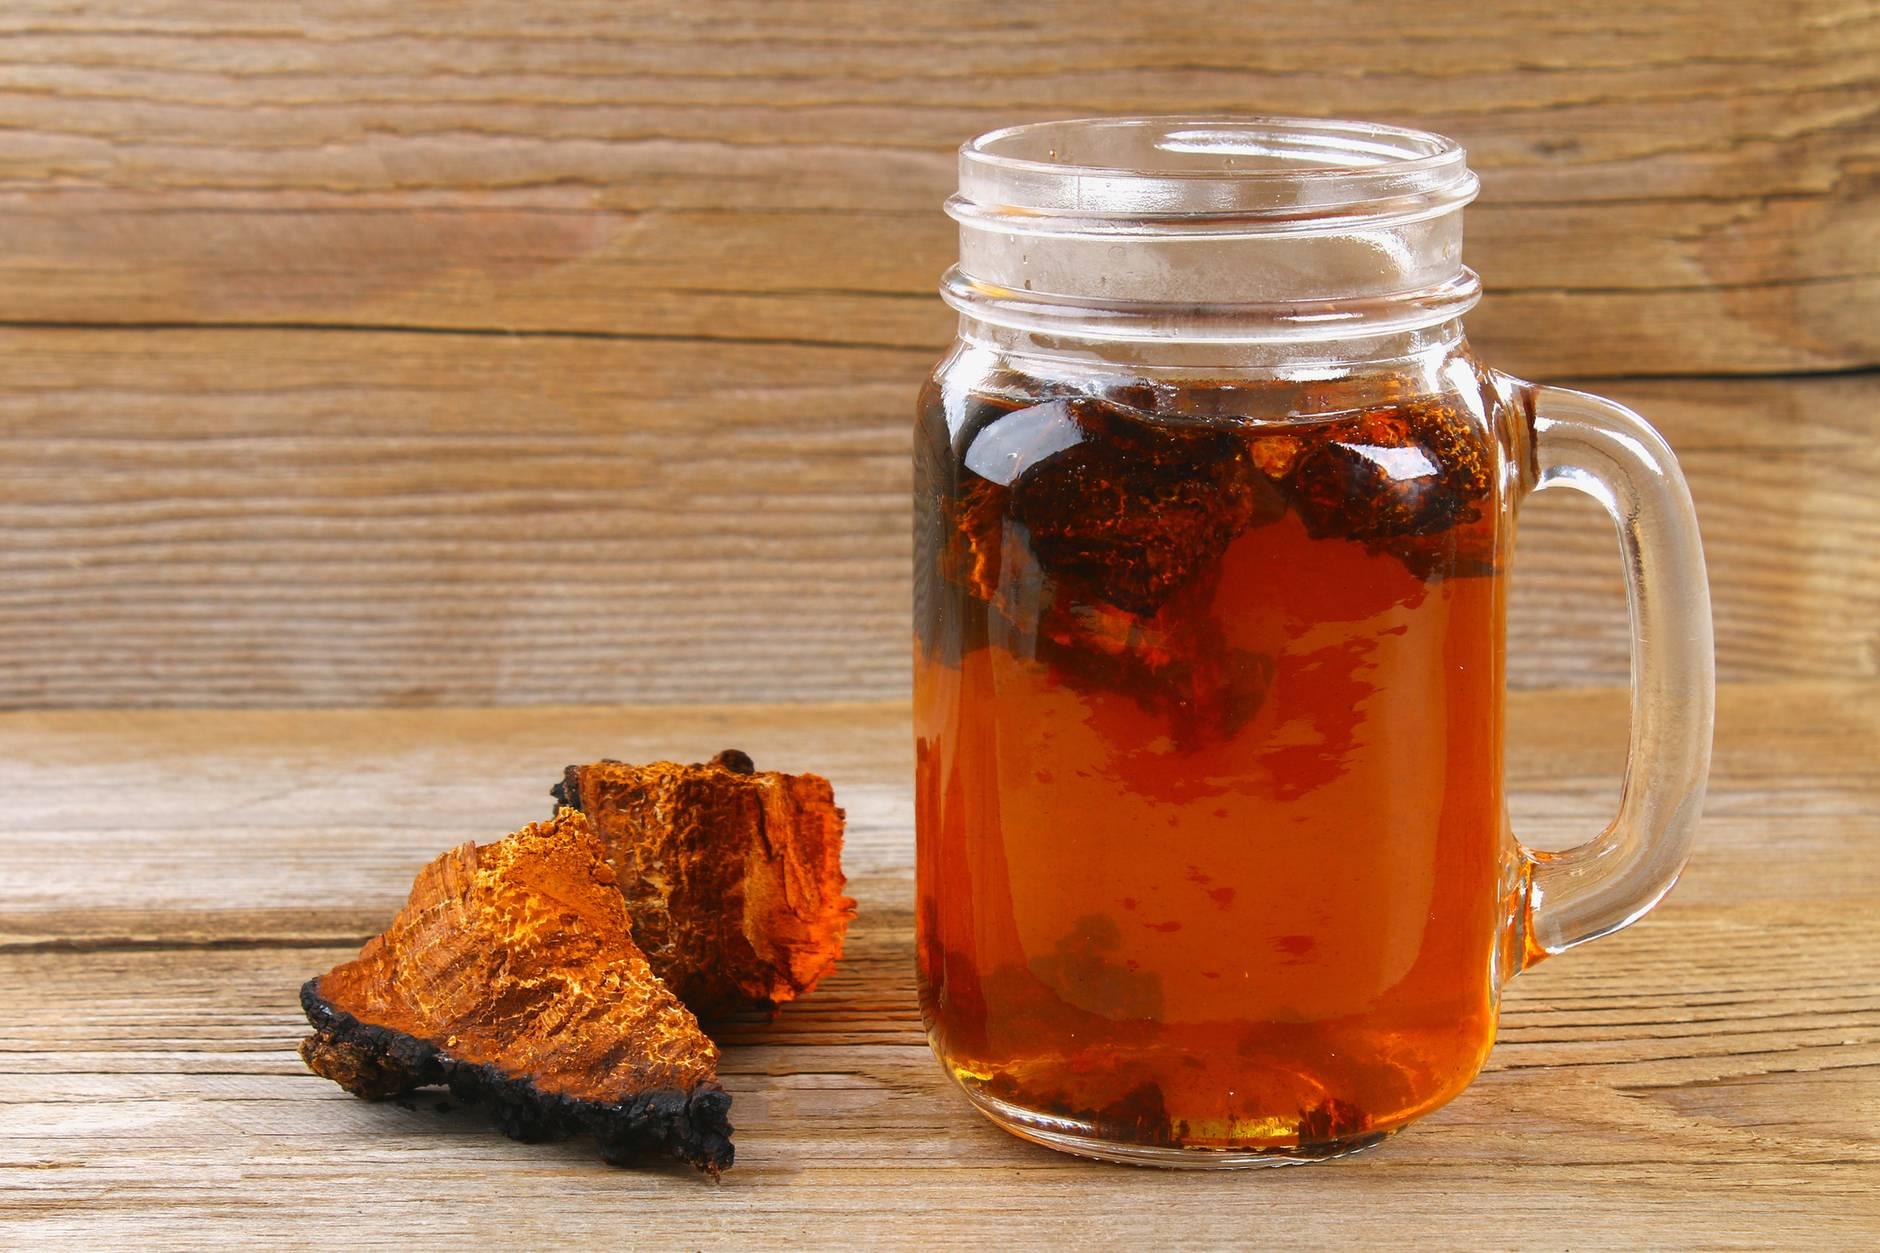 Чай чага: как правильно заваривать и пить чагу